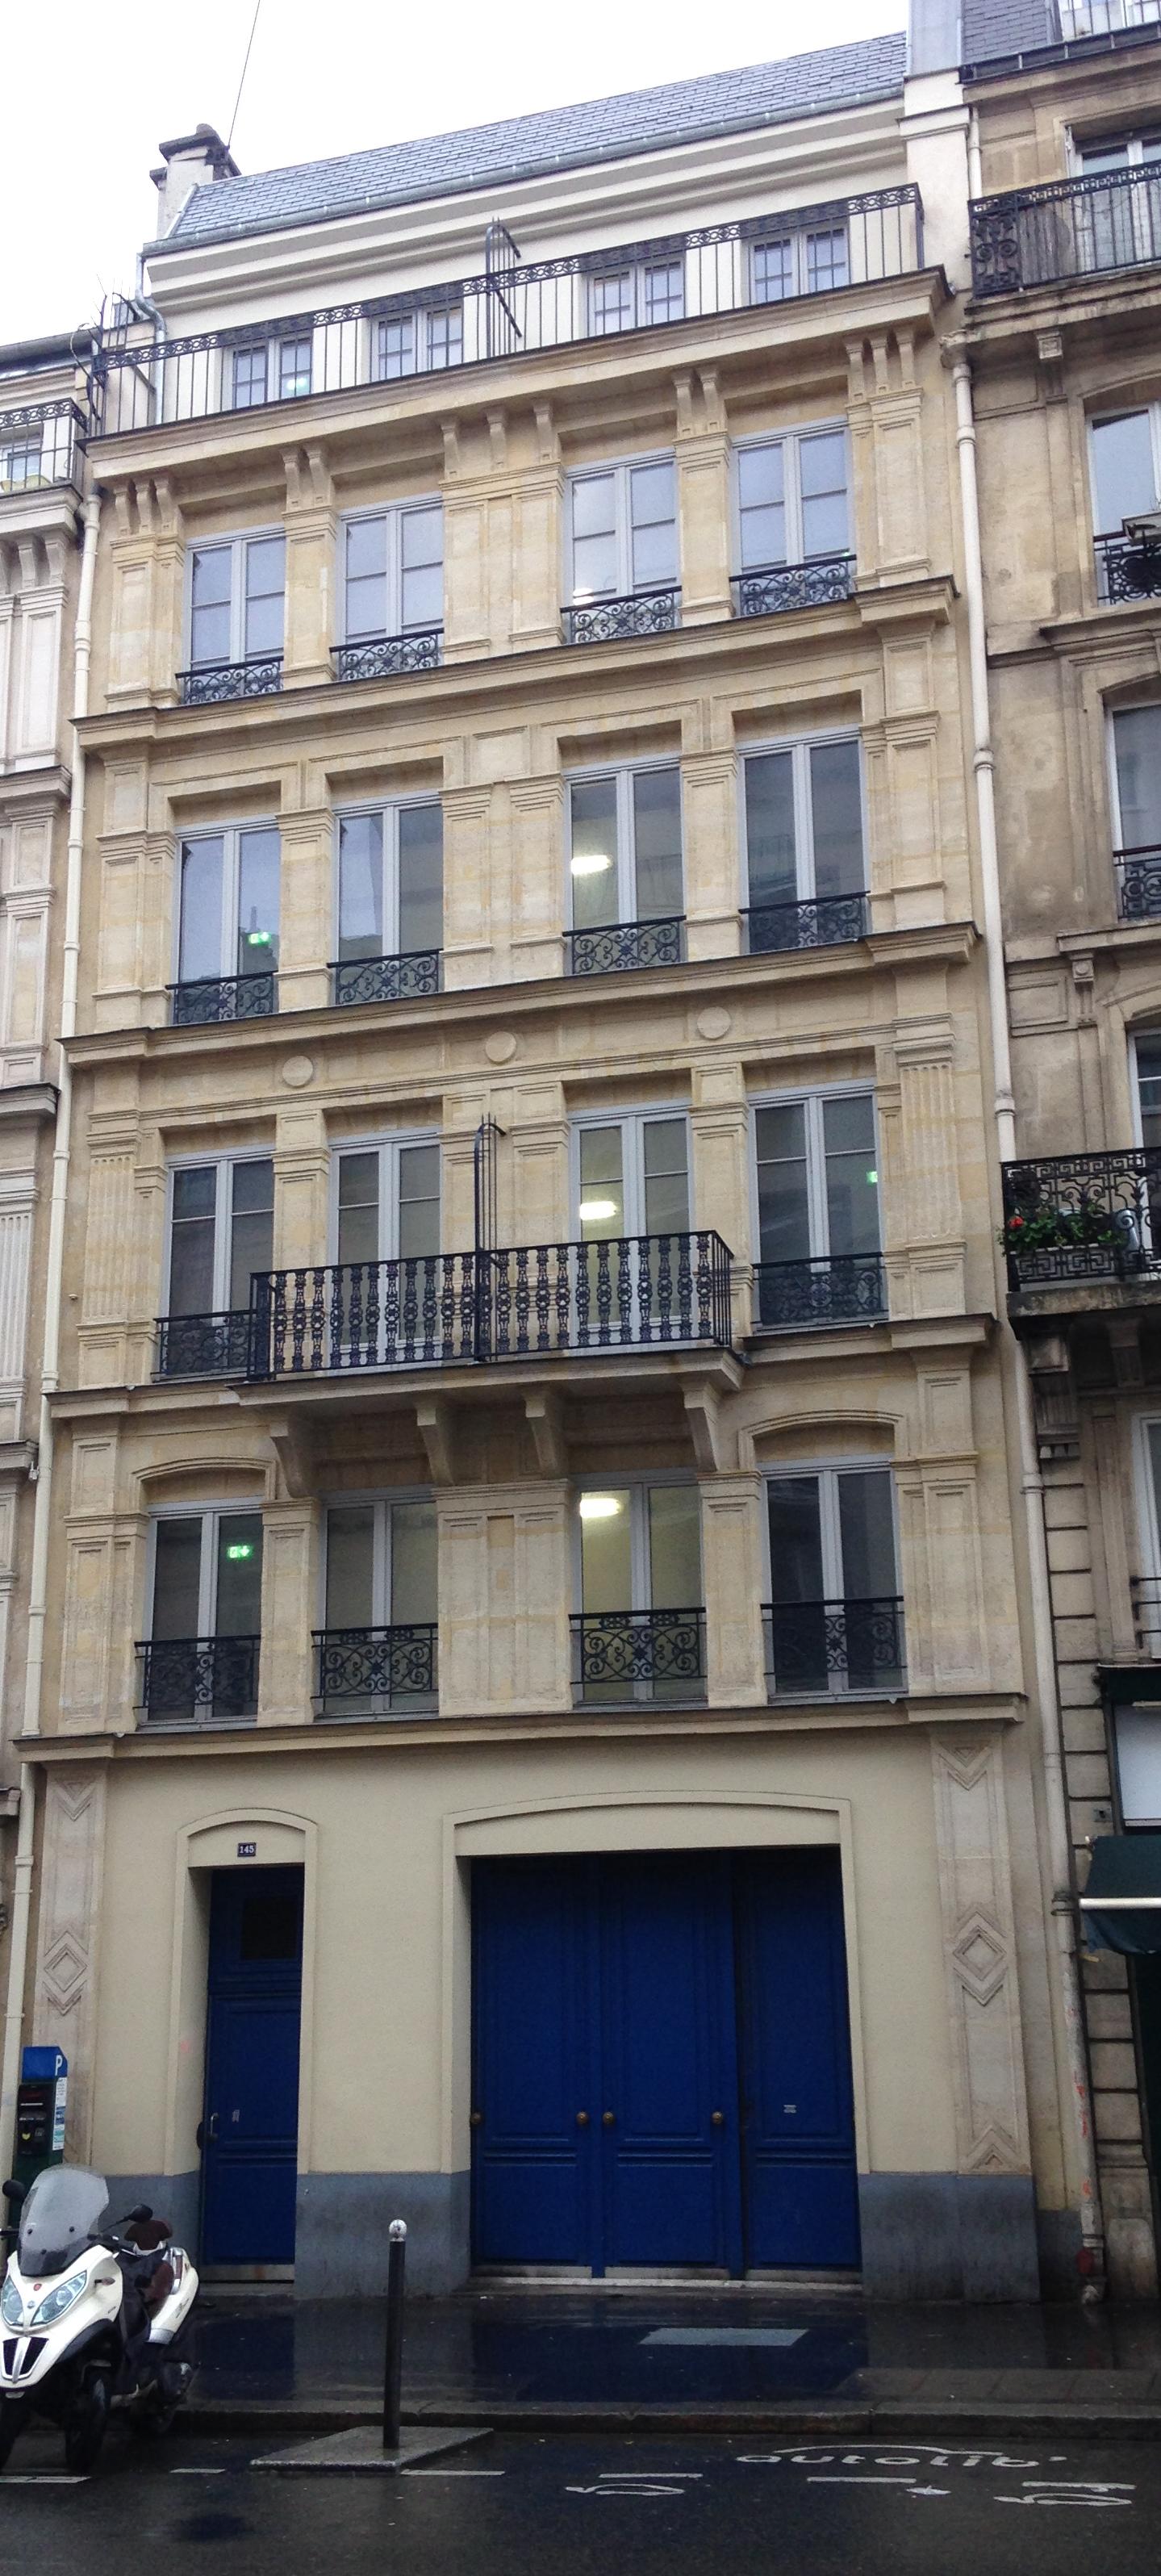 https://upload.wikimedia.org/wikipedia/commons/6/68/145_rue_La_Fayette.jpg